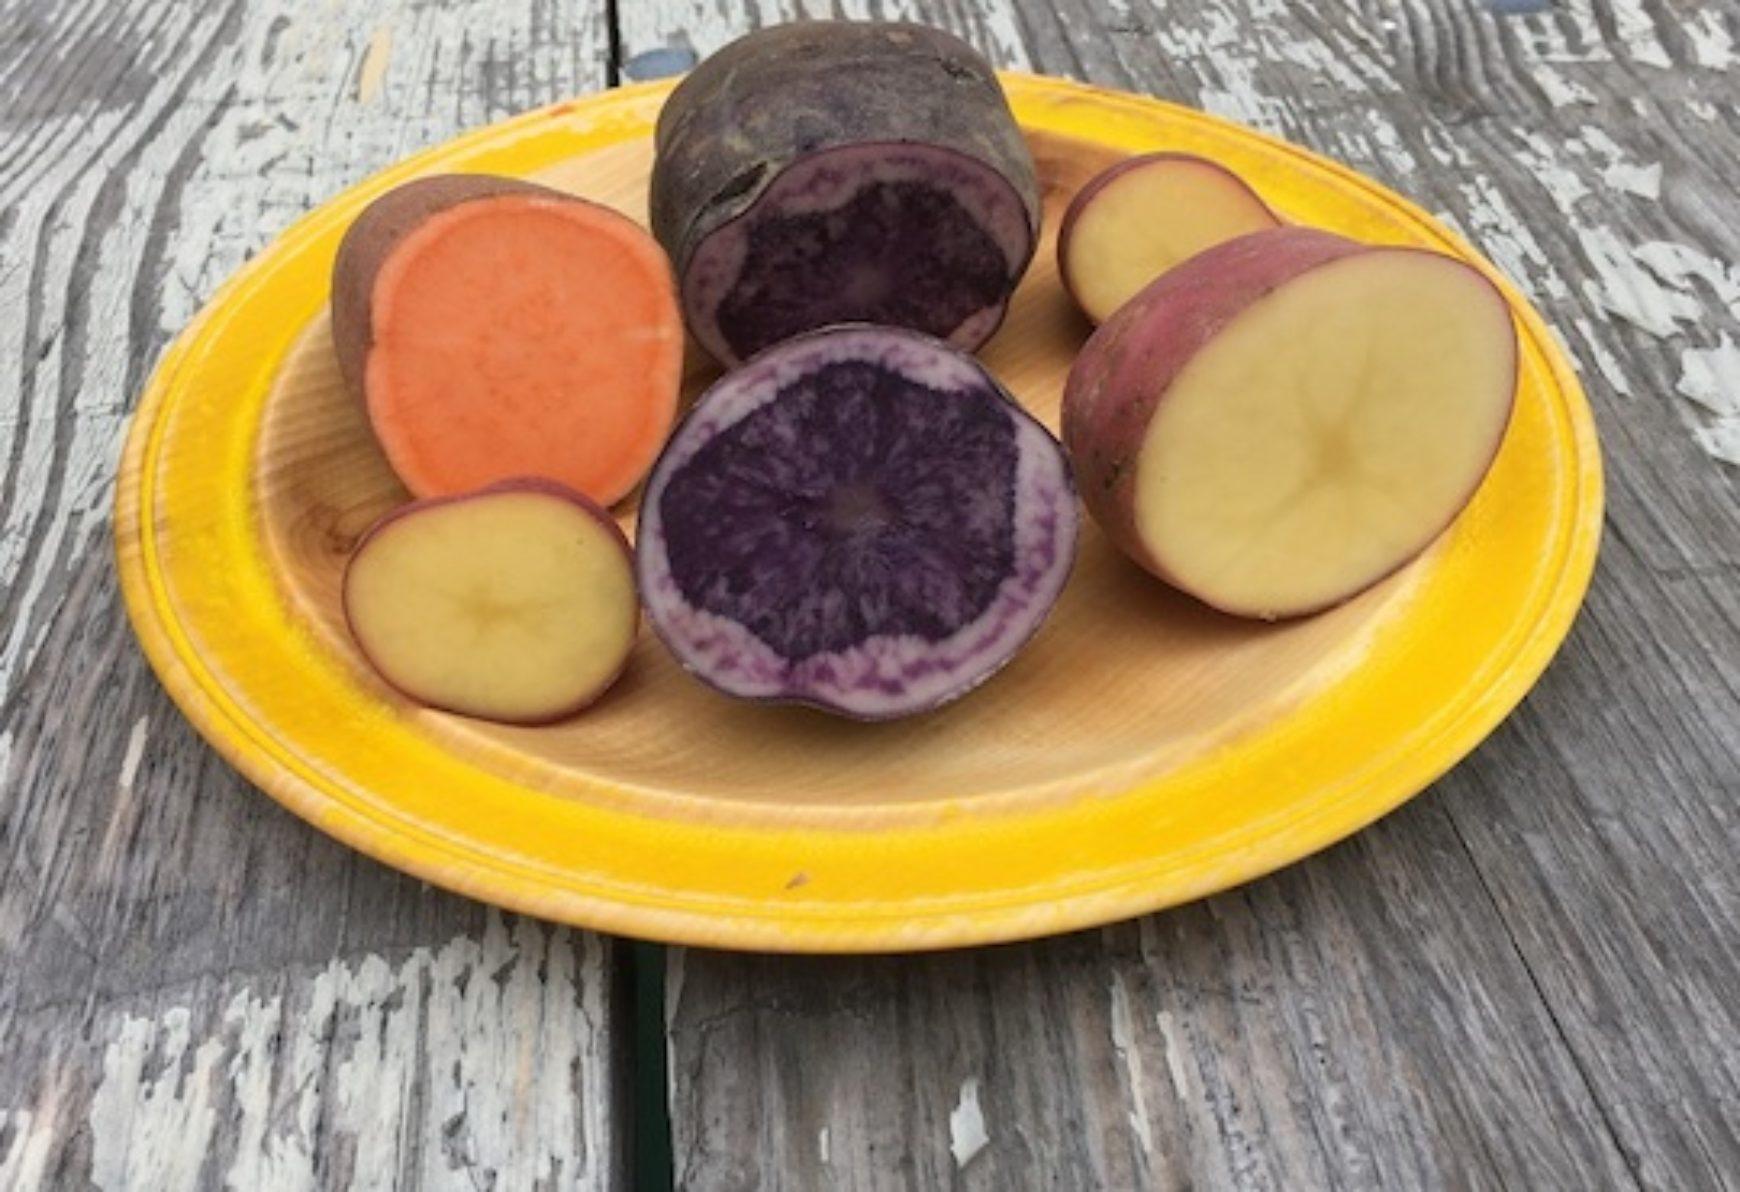 The marvelous potato at Trondheim's Credo